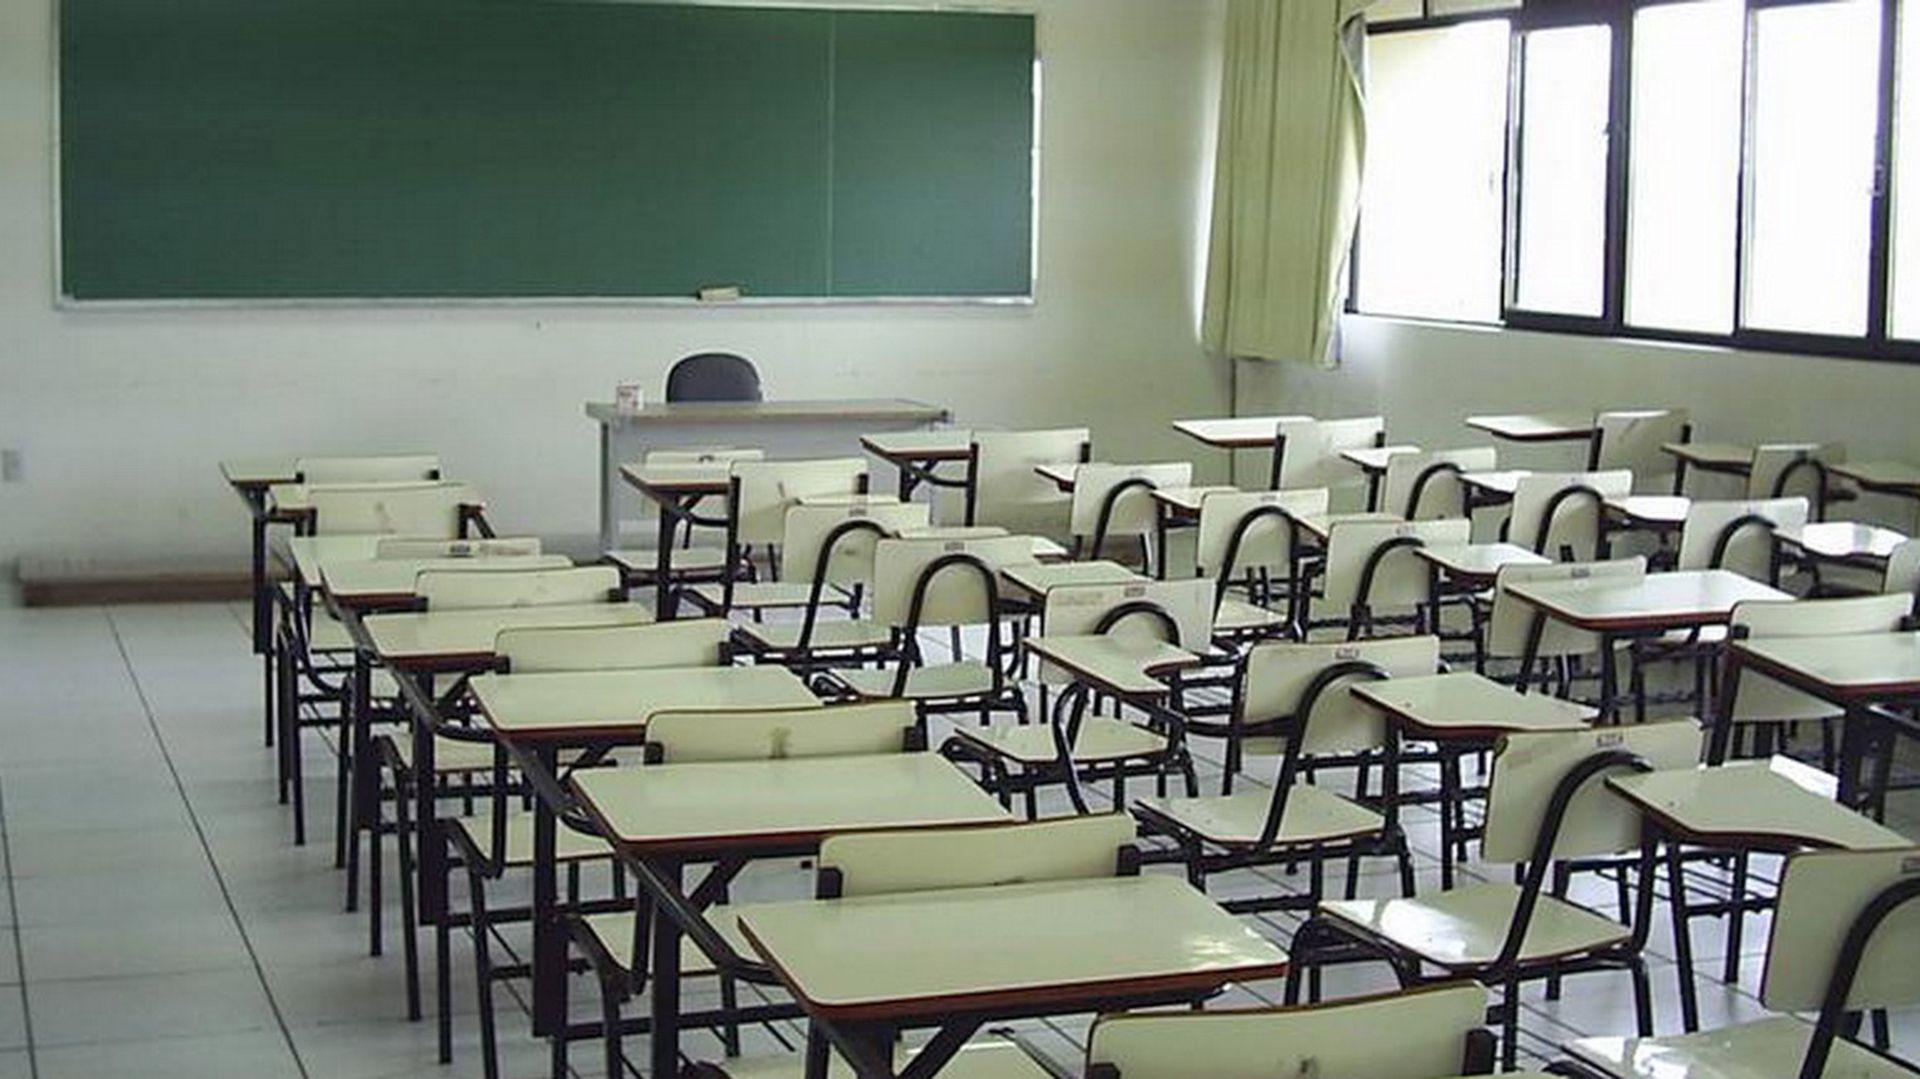 El aula vacía en un colegio argentino